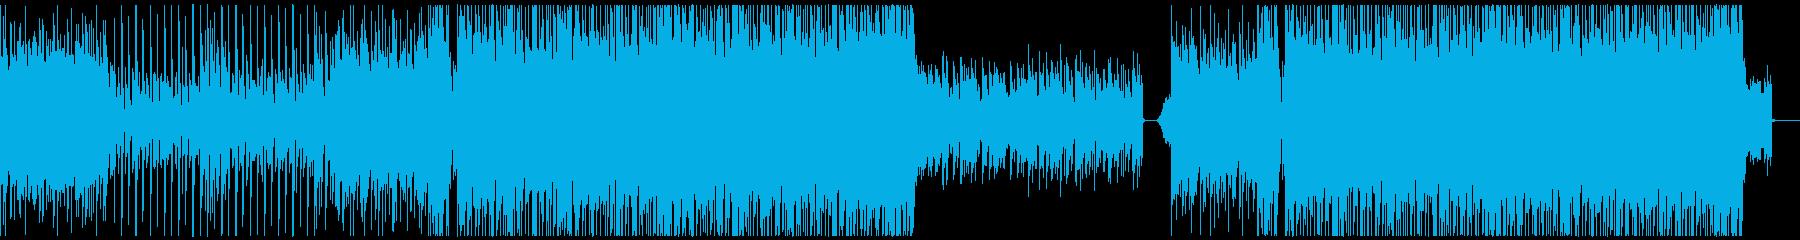 シンセウェーブ・80s・レトロ/メロなしの再生済みの波形